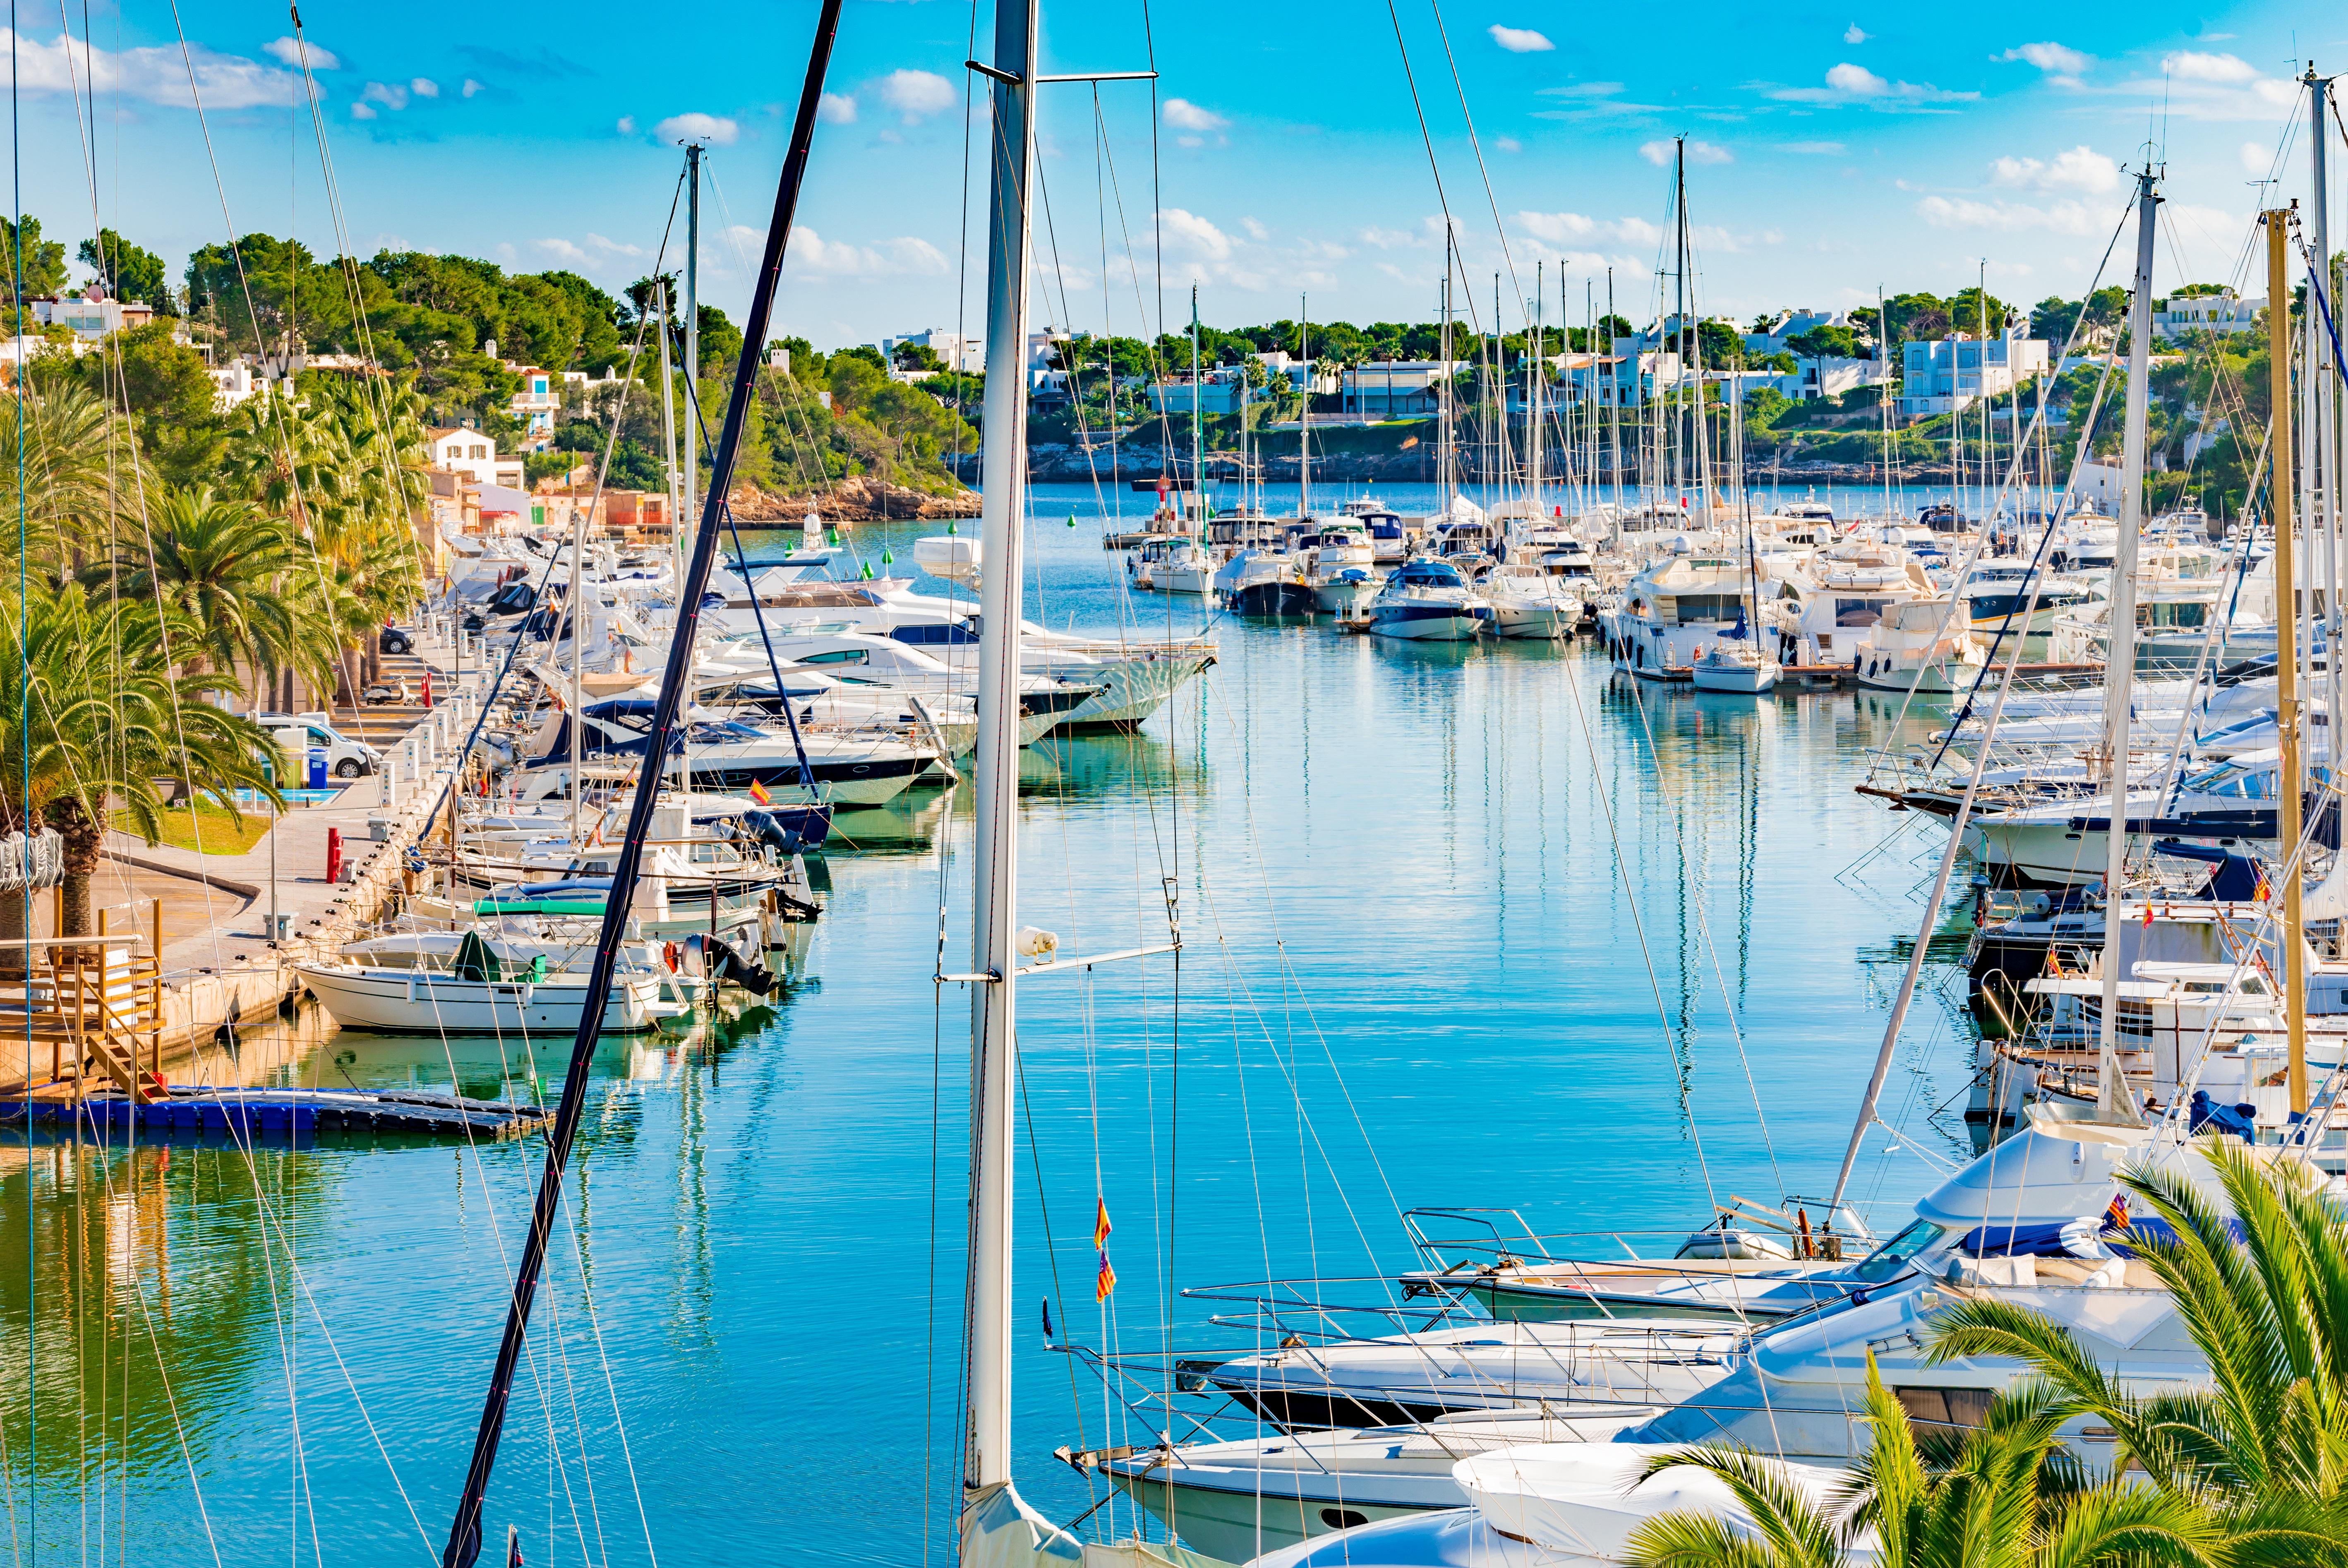 Yachten am Hafen von Cala d'Or.